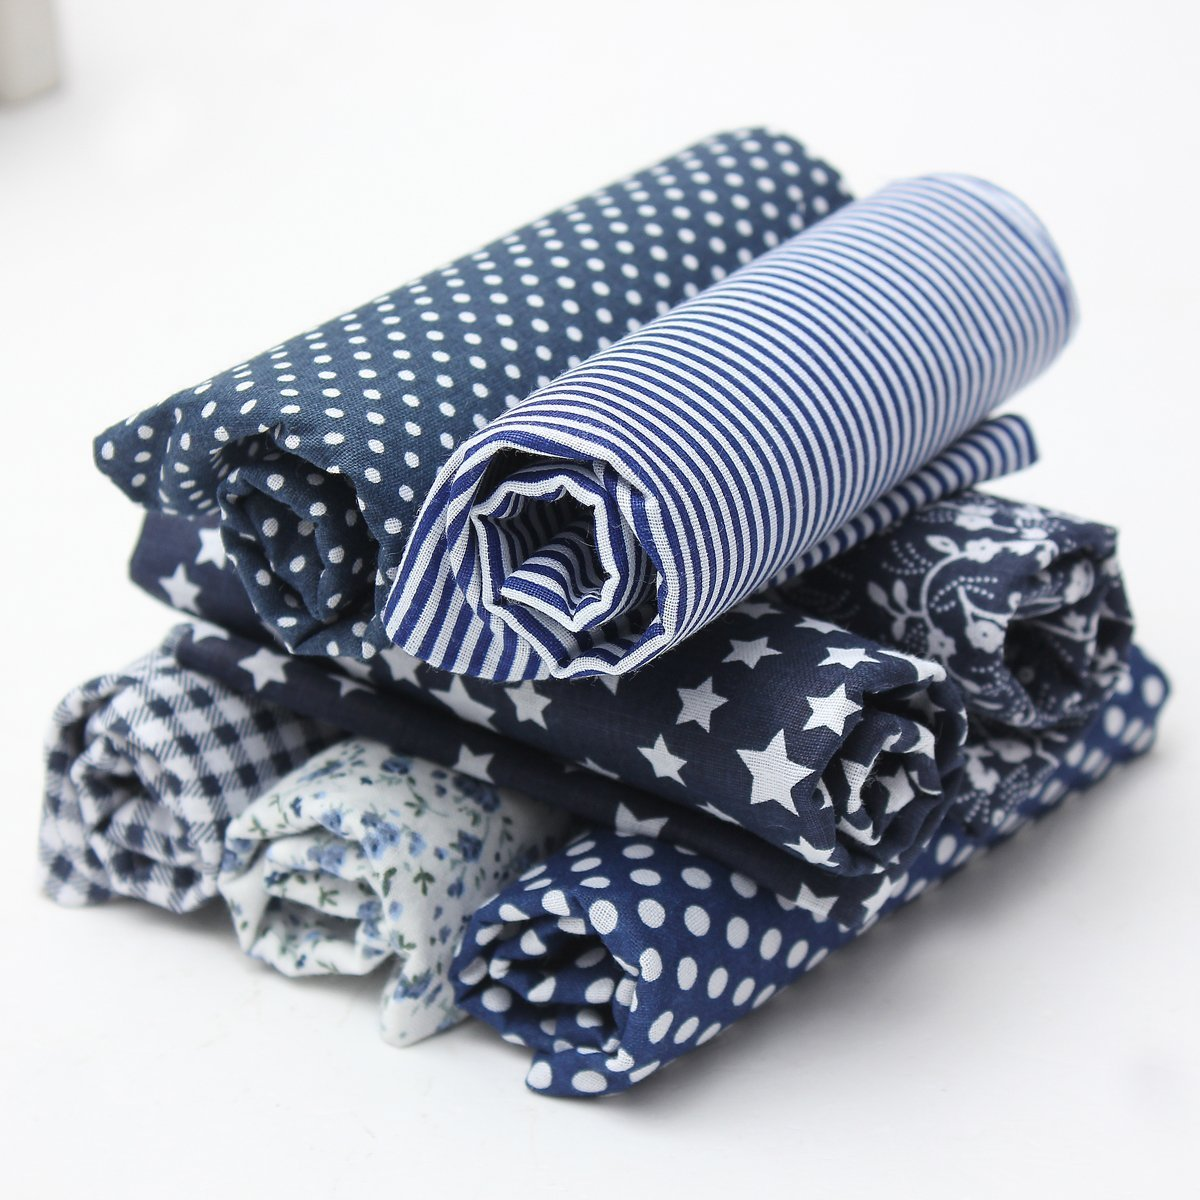 Leisial - 7 unidades de tela de algodón, tejidos estampados de algodón para coser, tela por metros, para patchwork, oscuro, manualidades, 50x 50cm